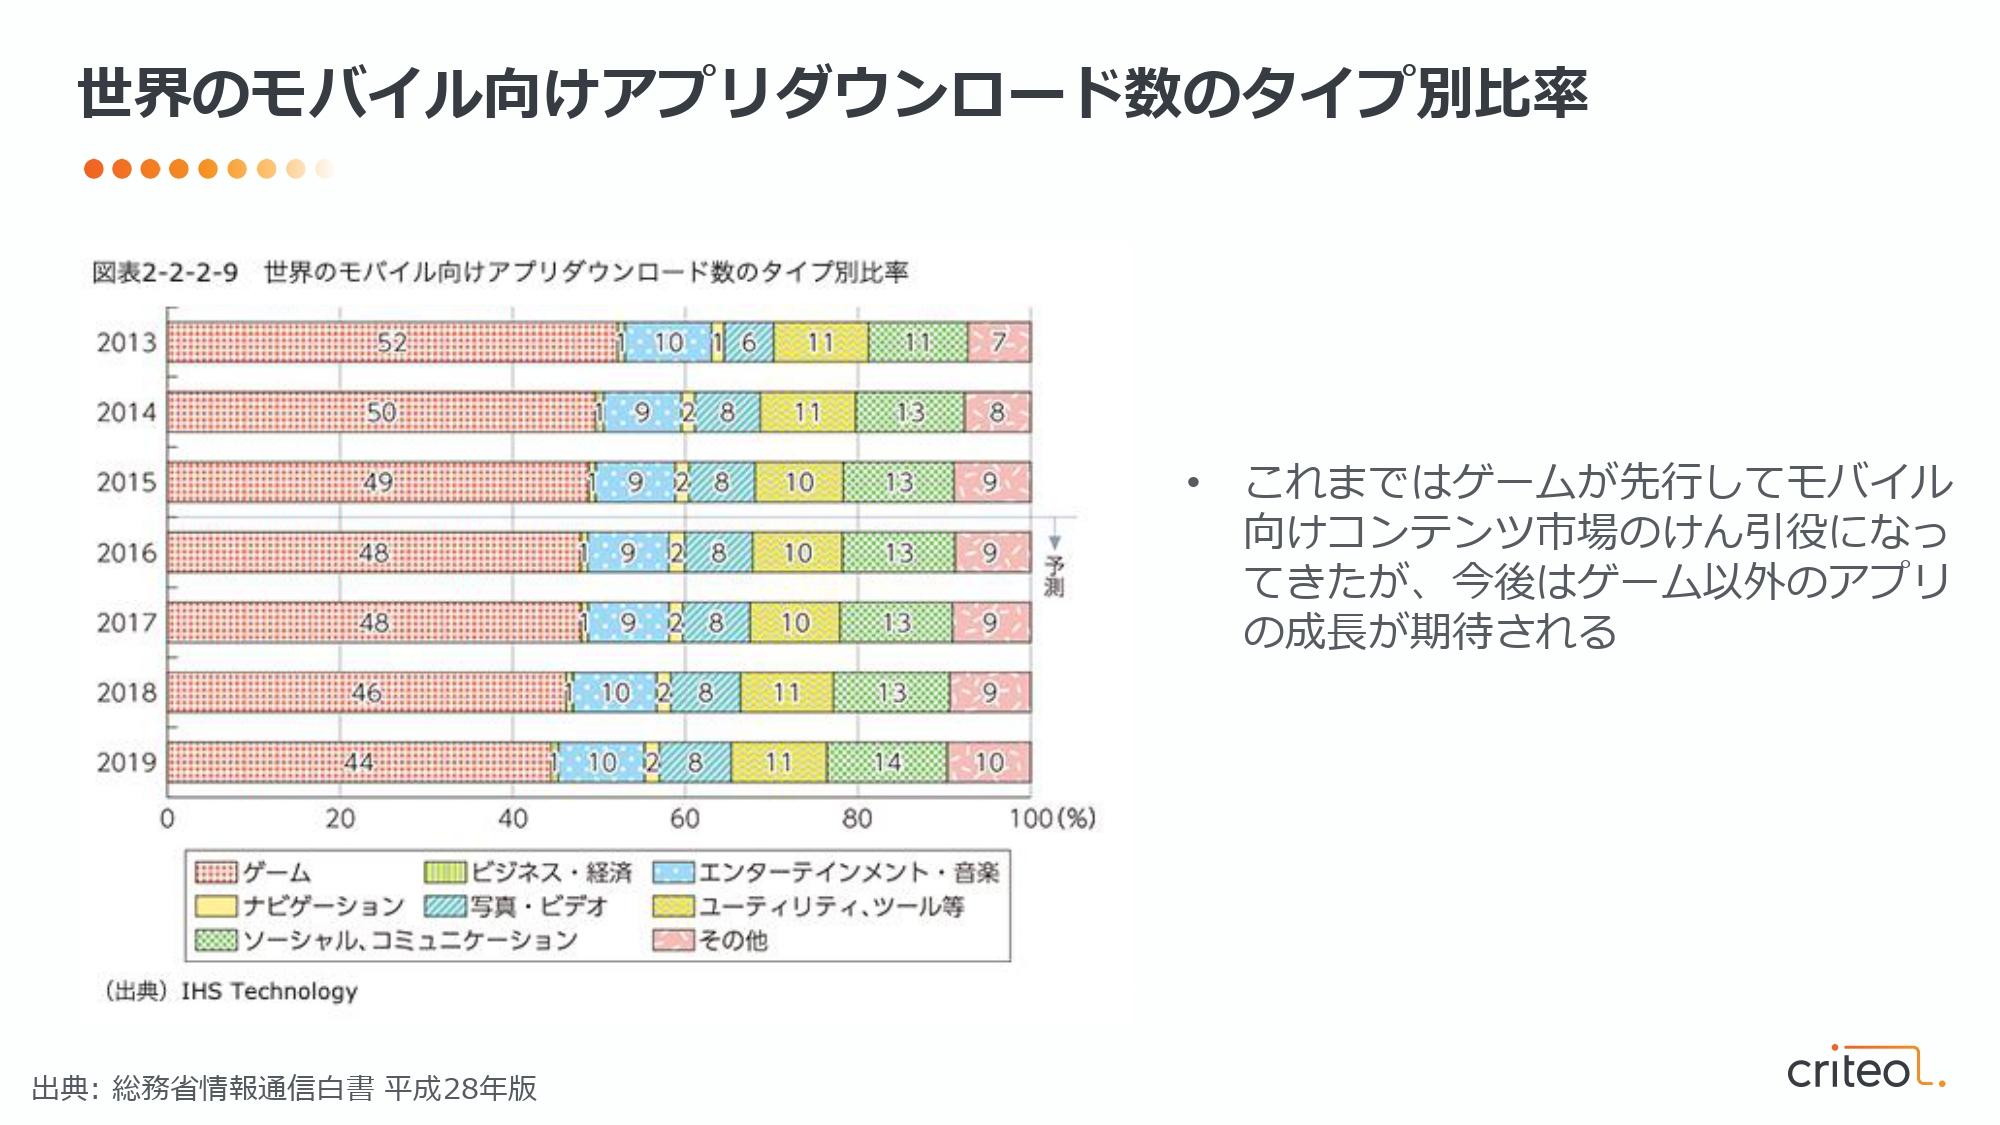 グラフ:世界のモバイル向けアプリダウンロード数のタイプ